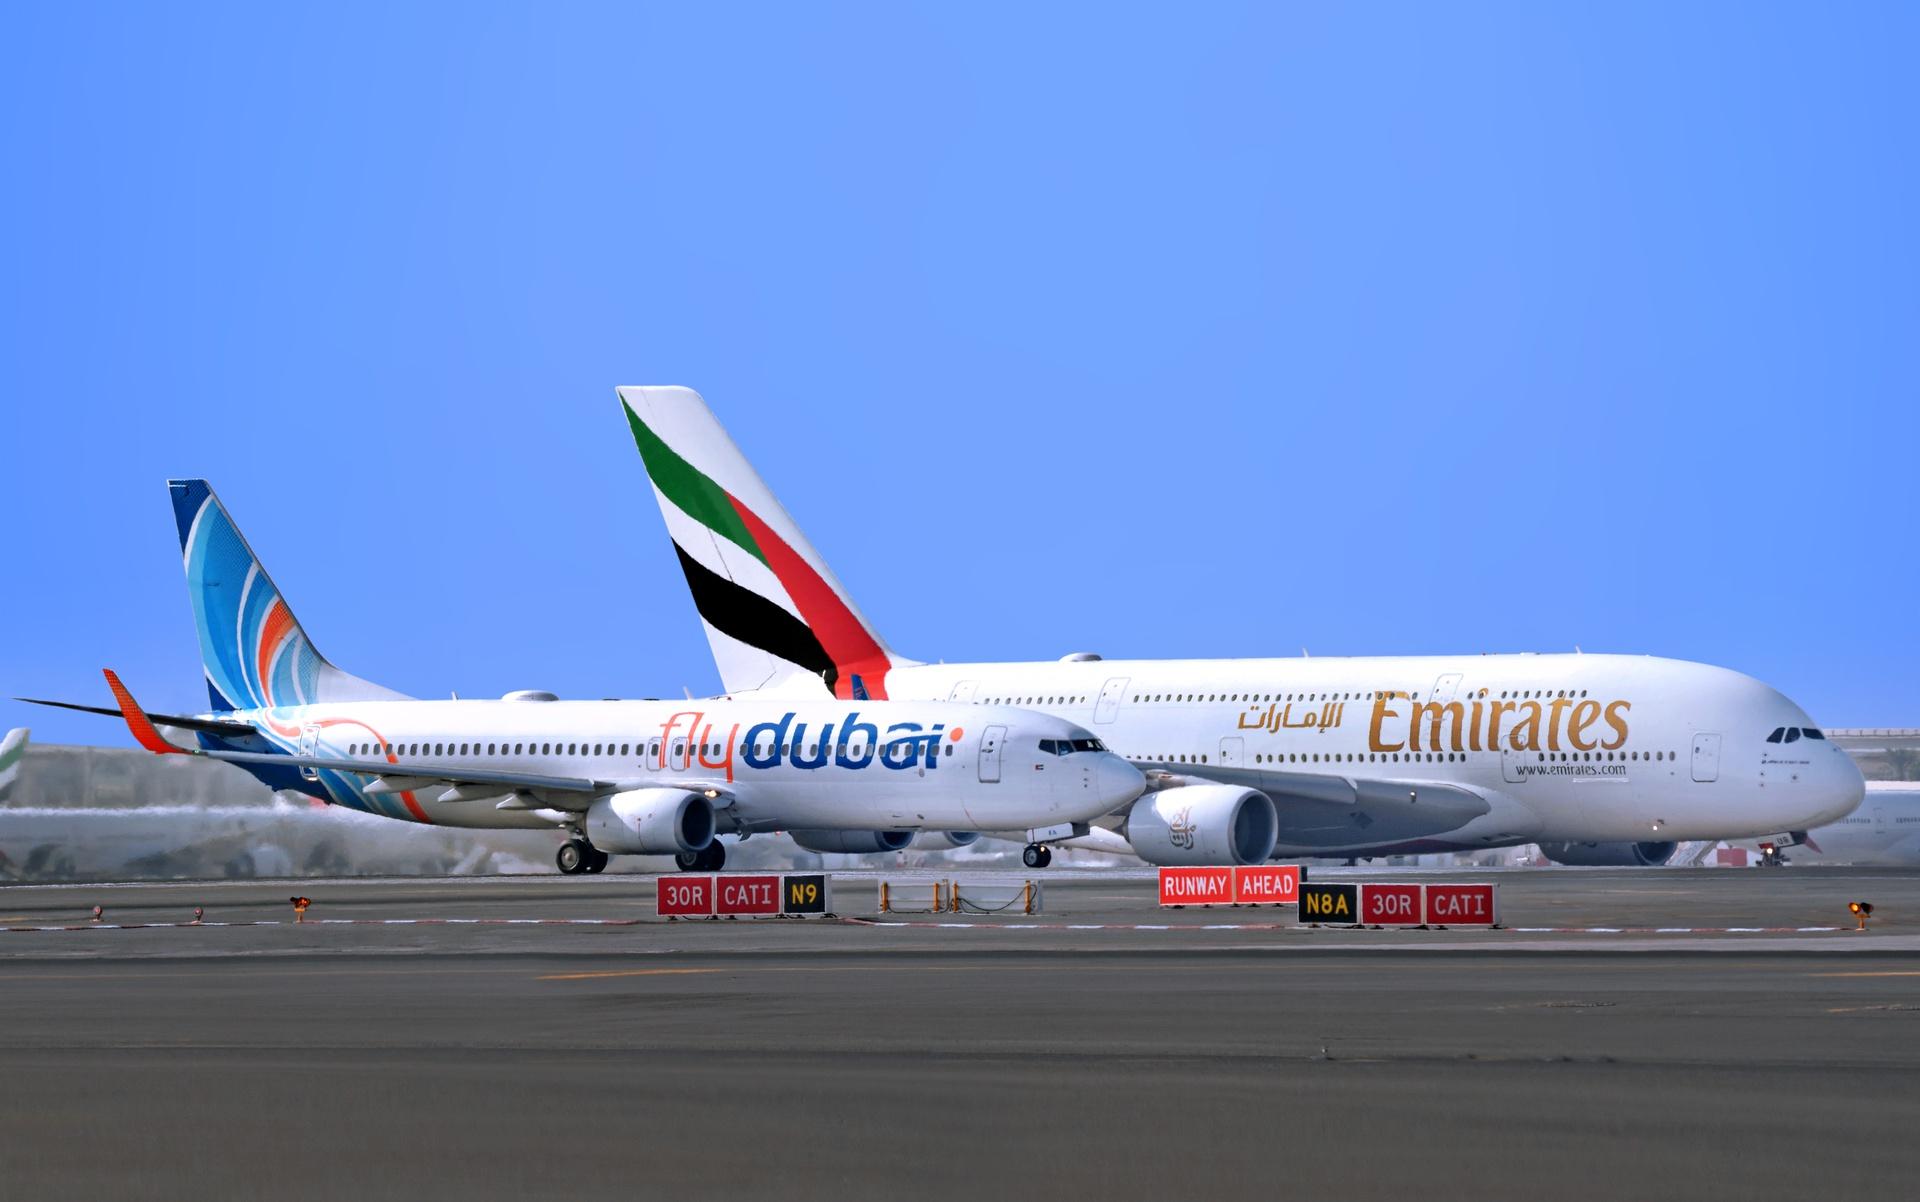 استئناف الرحلات الدولية في طيران الإمارات وفلاي دبي لـ67 وجهة من بينها 7 وجهات عربية